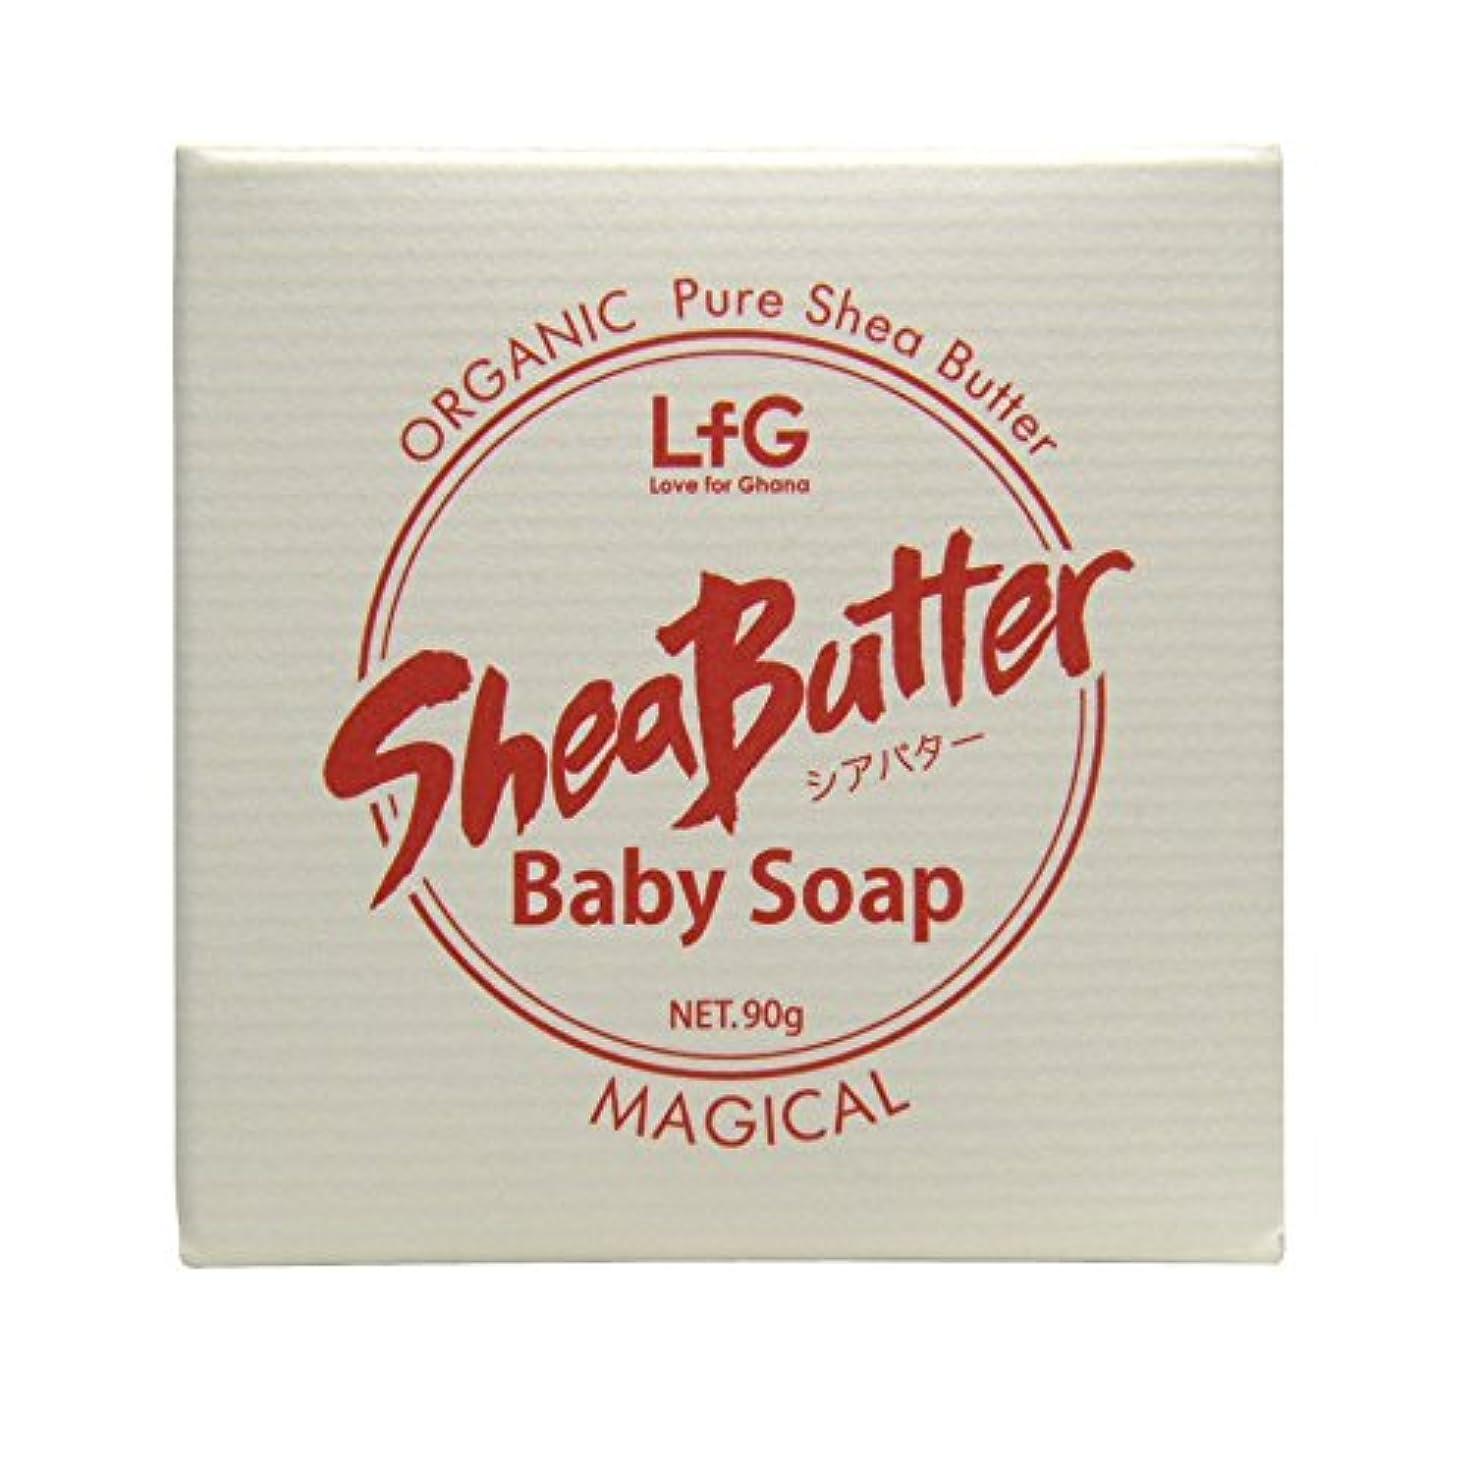 指令ペックシャッターマジカル シアバターベビーソープ 保湿石鹸 90g